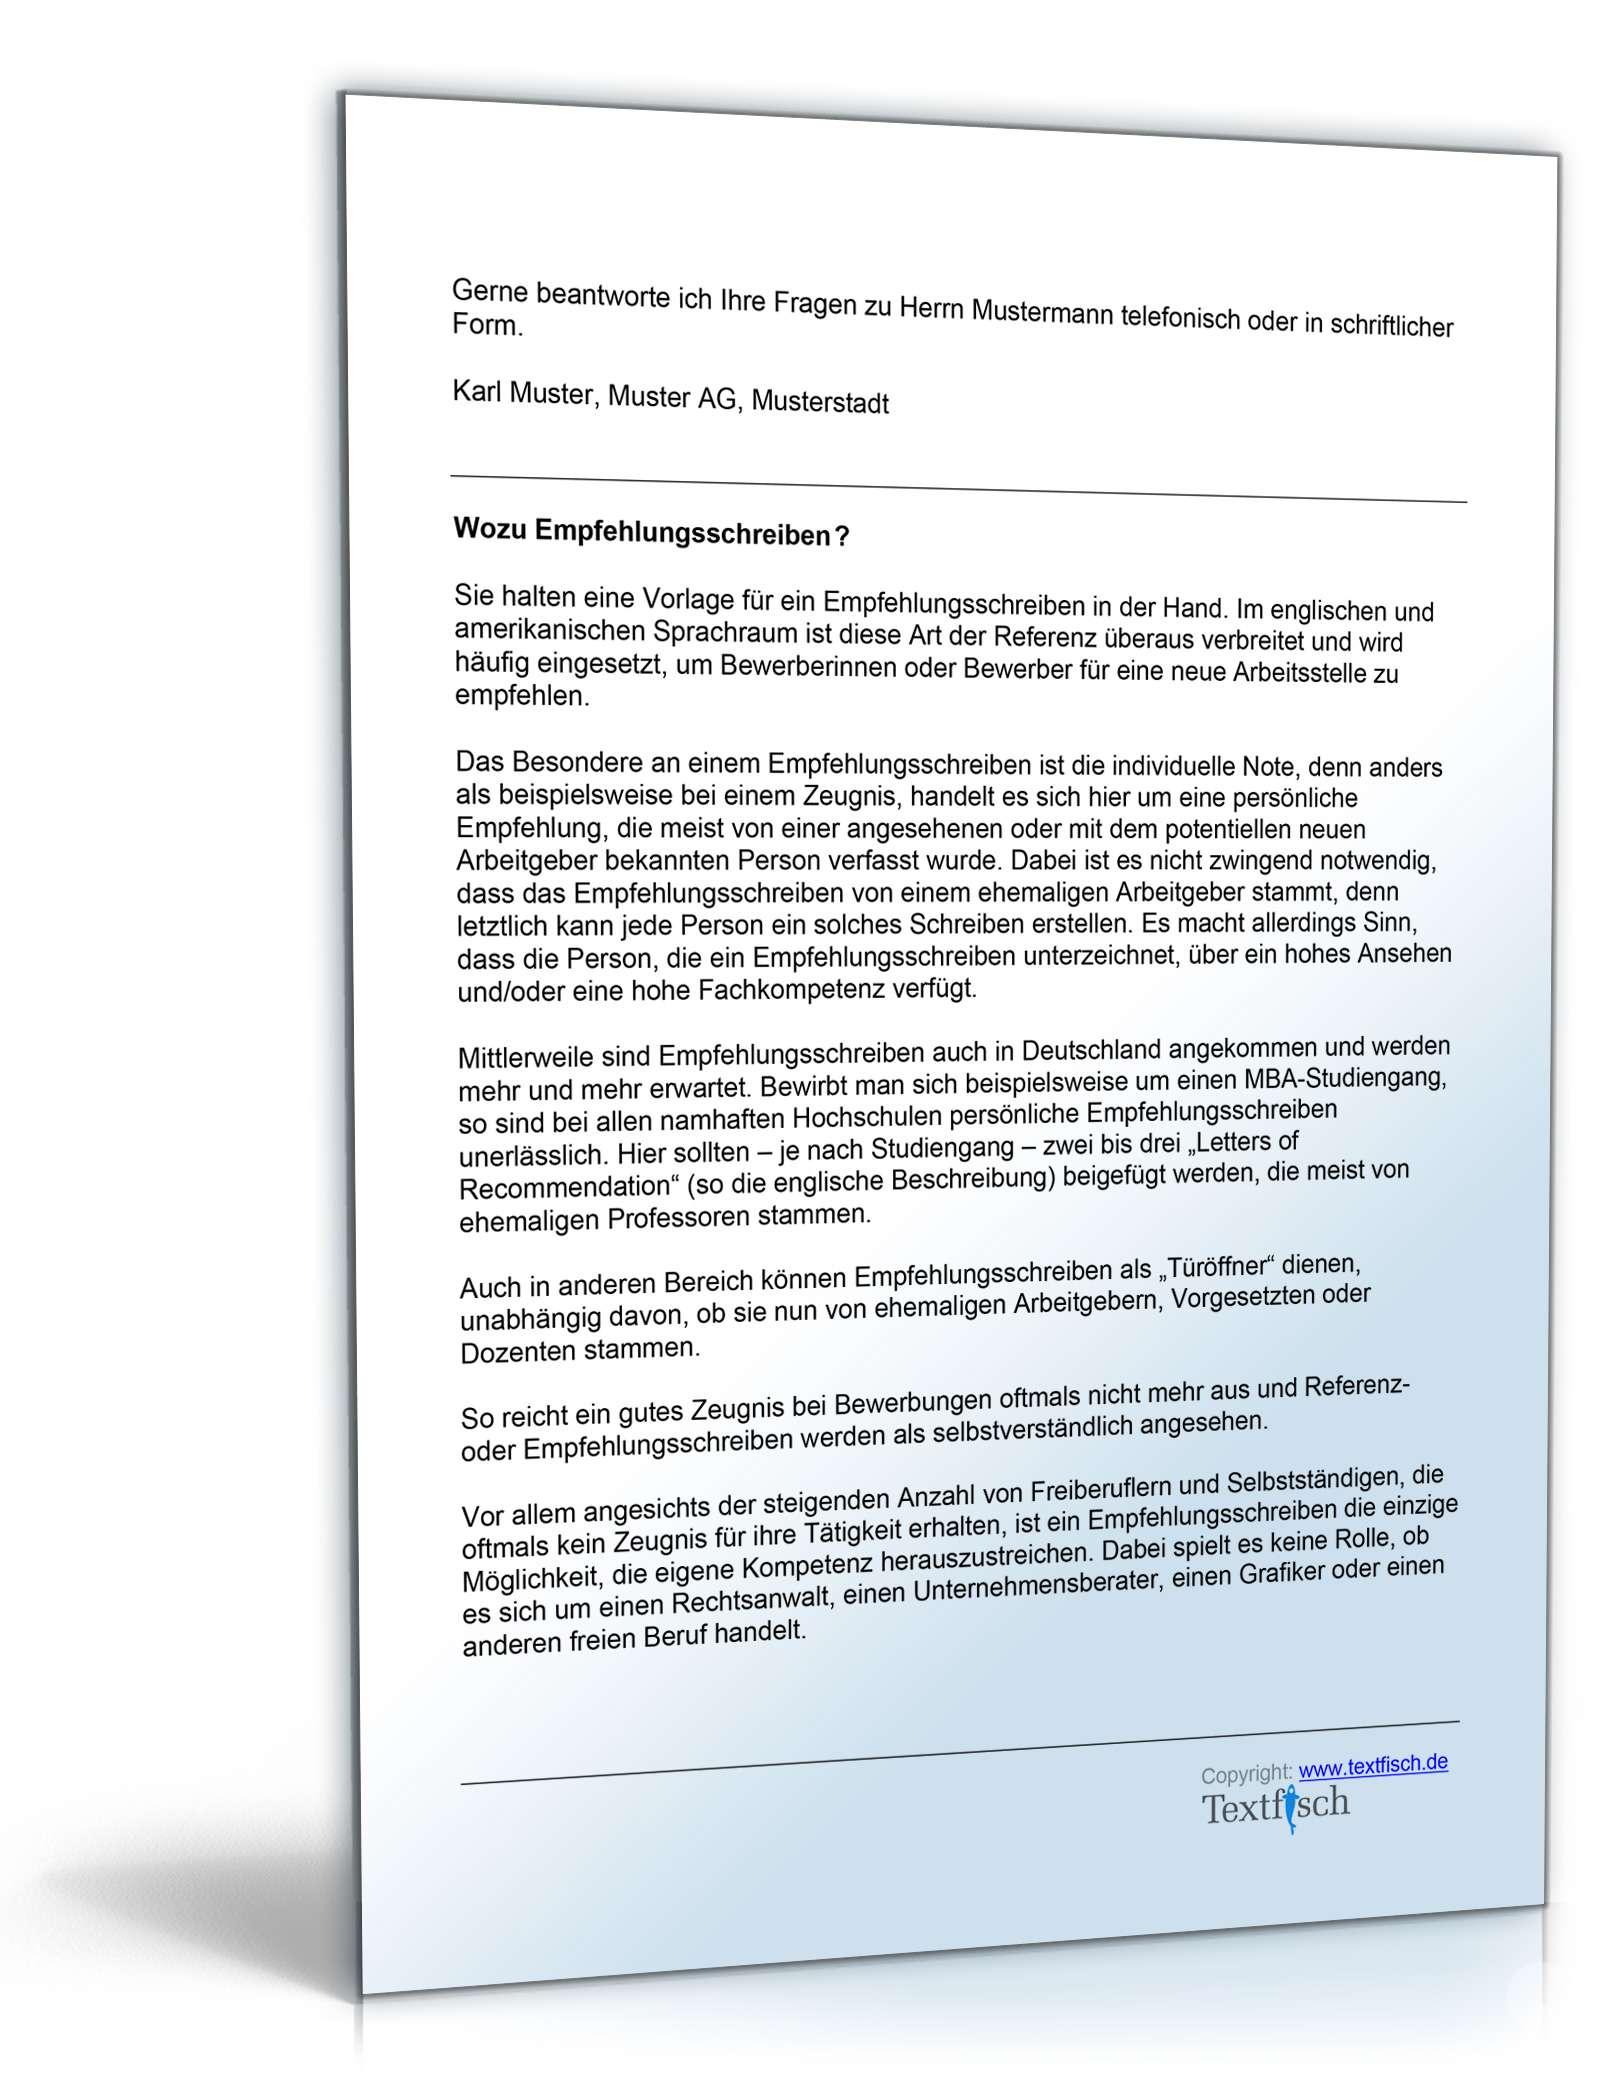 Referenzschreiben Für Einen Dj Musterbrief Zum Download